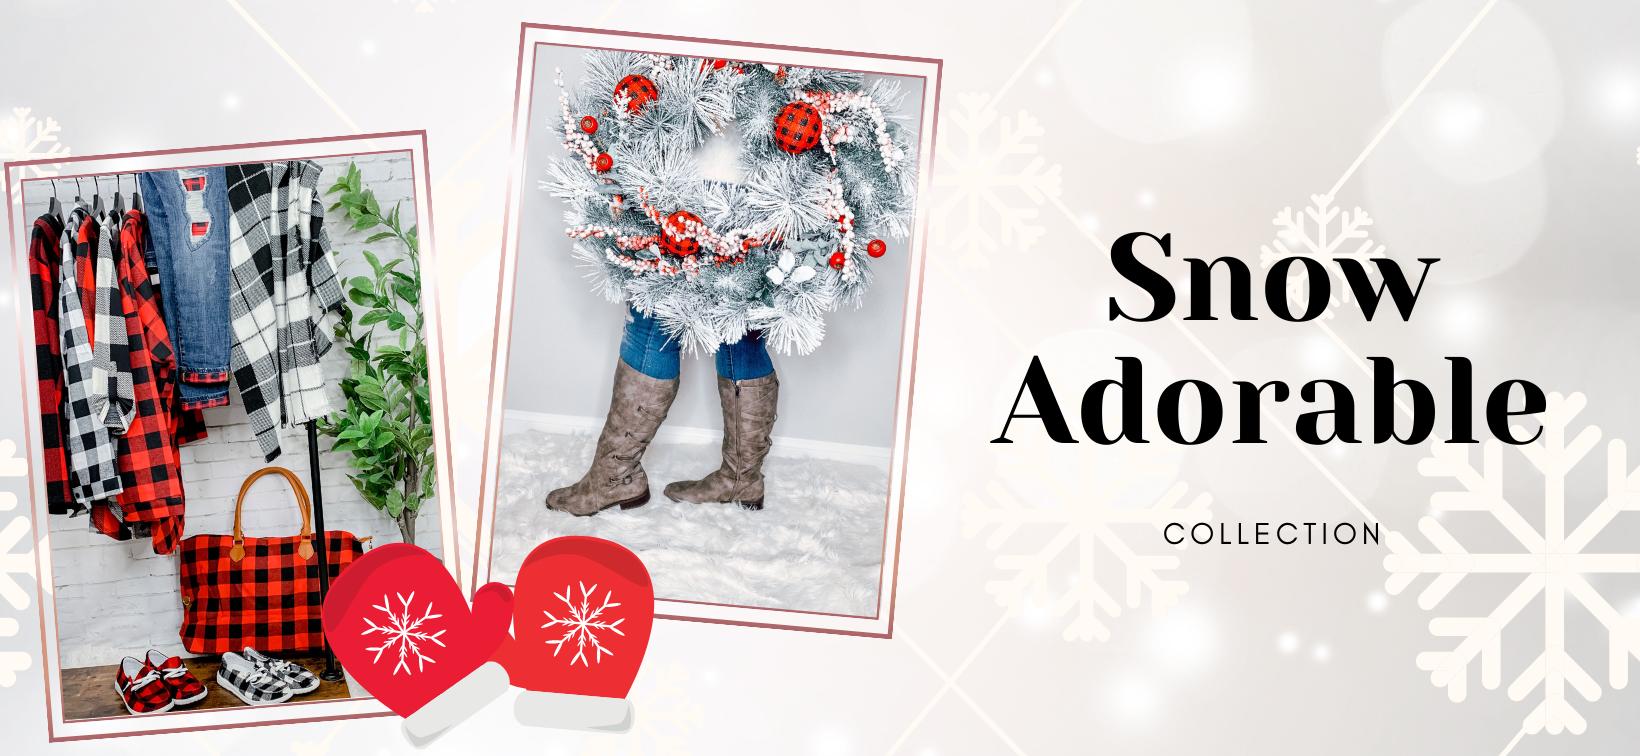 Snow Adorable Winter Collection